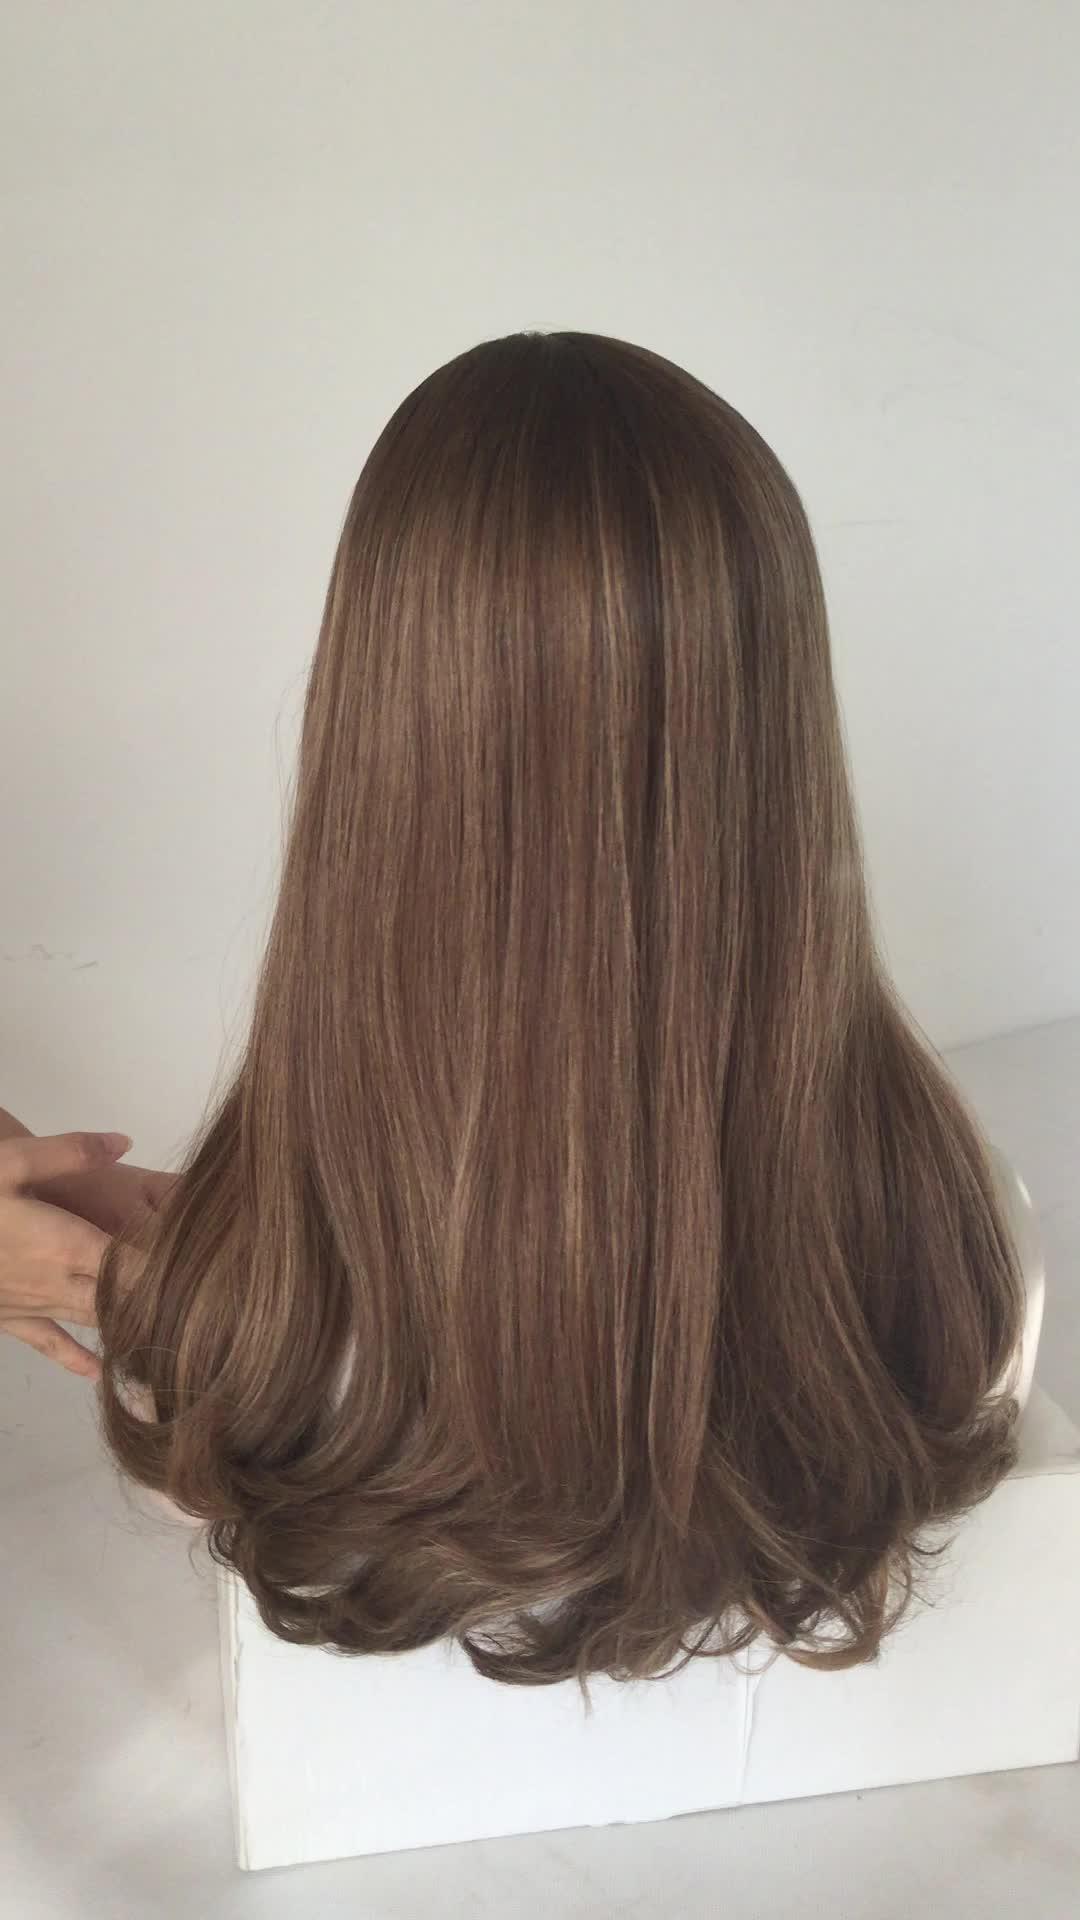 Nhất phổ biến Tối Điểm Nhấn màu nâu nâu trinh nữ Châu Âu tóc kosher wig Do Thái wig